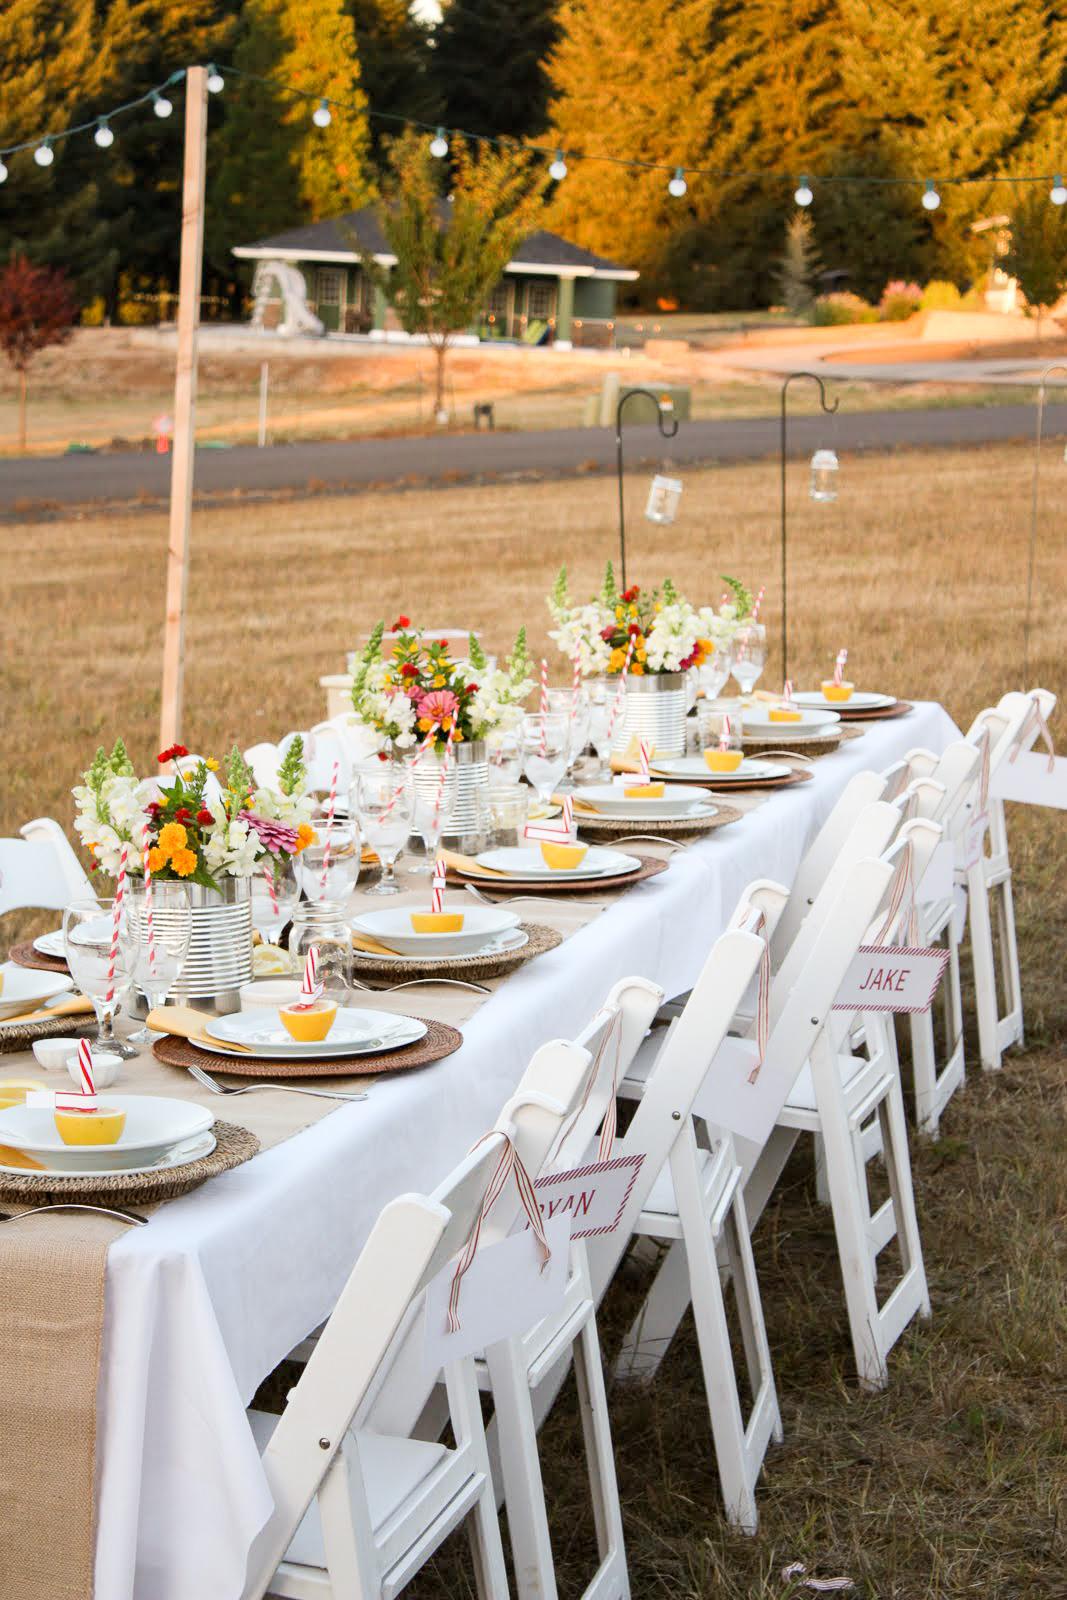 dinner in a field